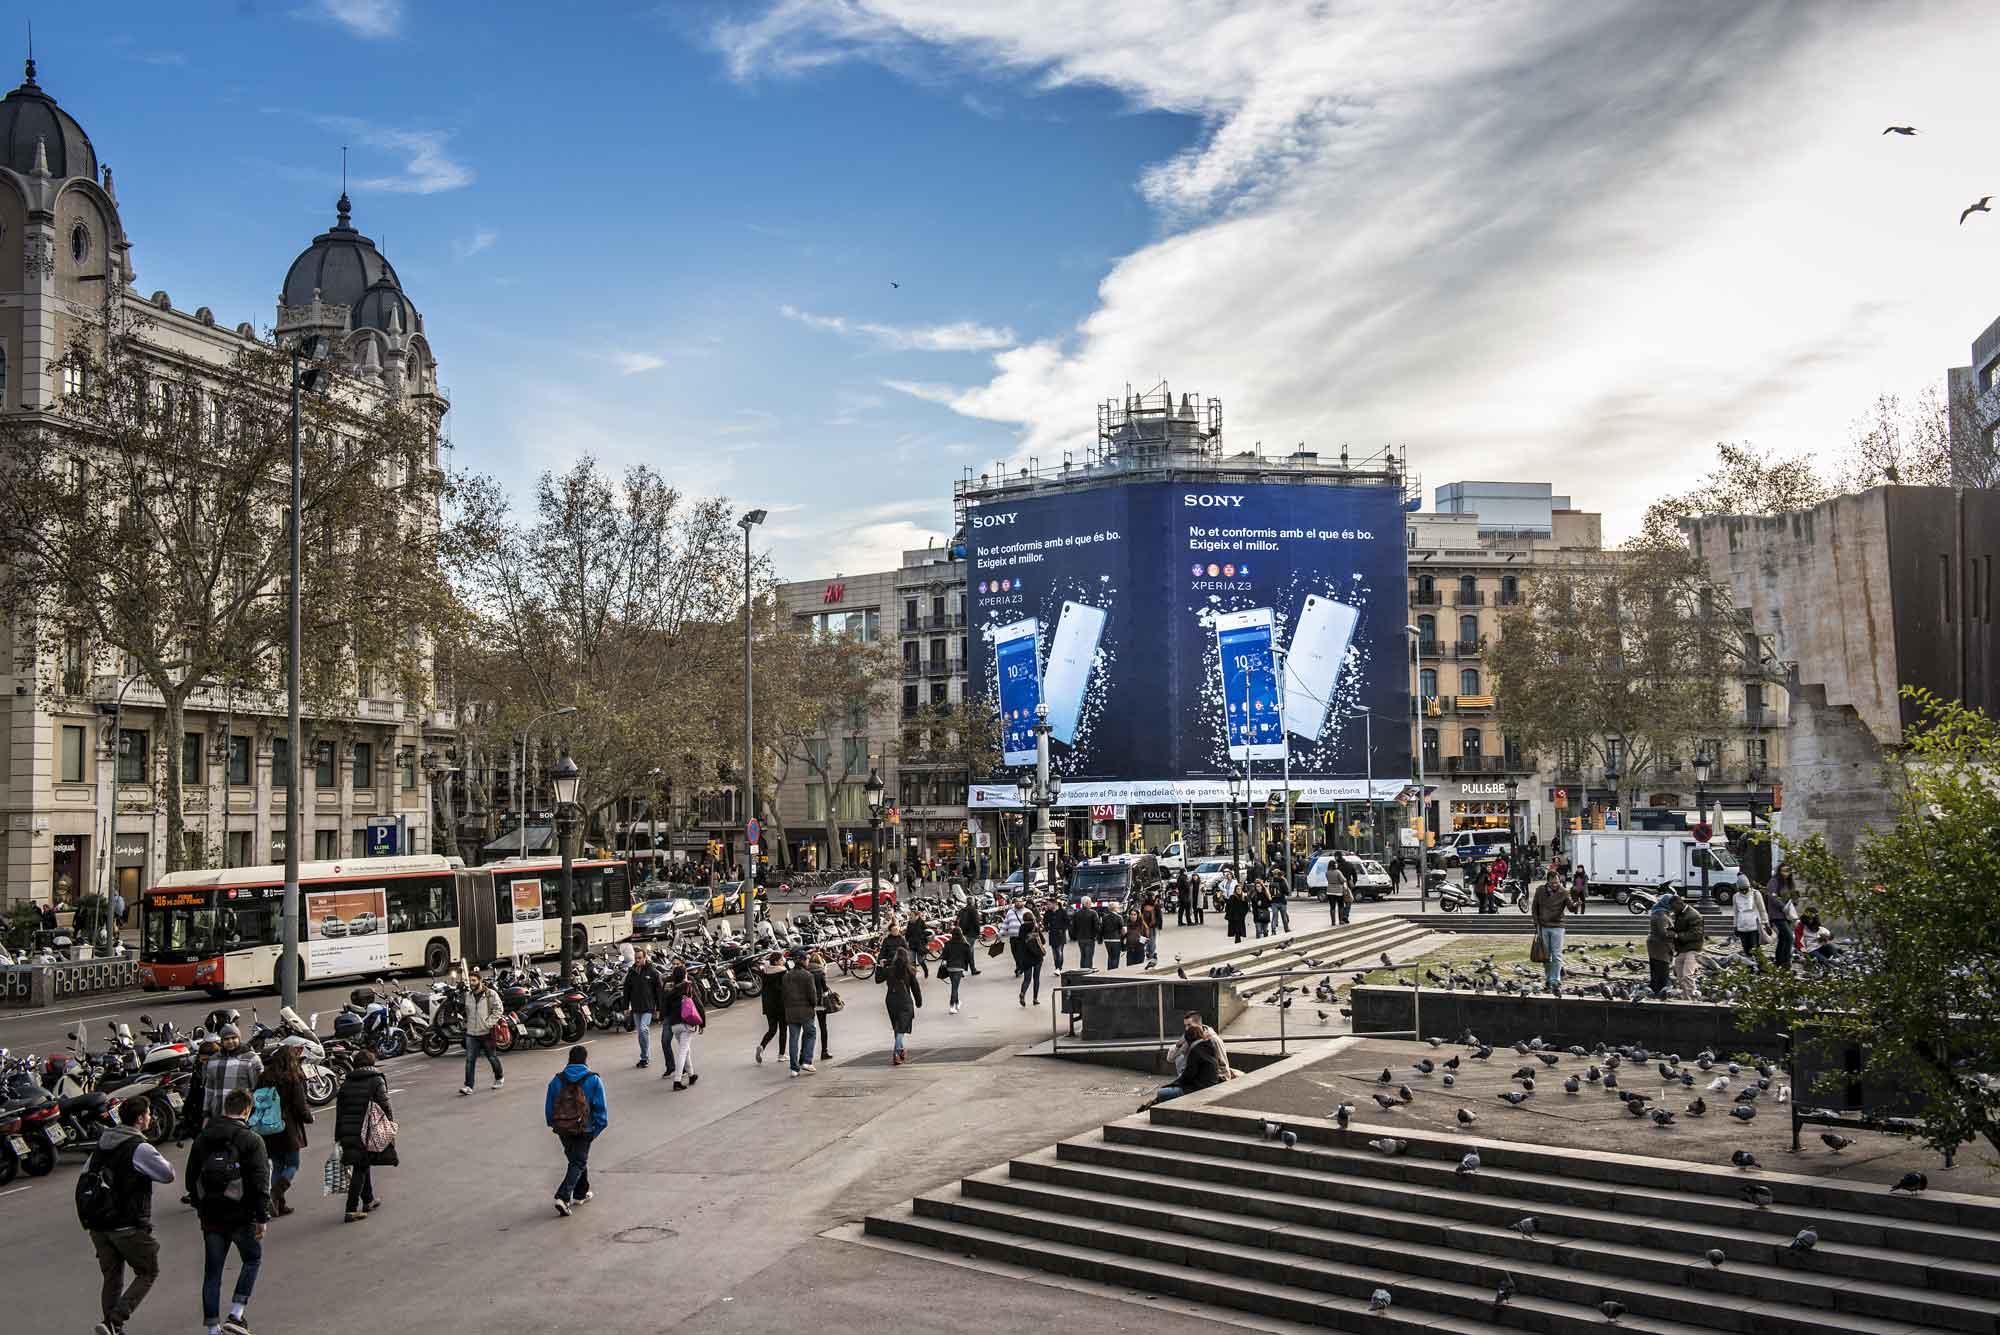 lona-publicitaria-barcelona-sony-xperia-z-3-dia-vsa-comunicacion